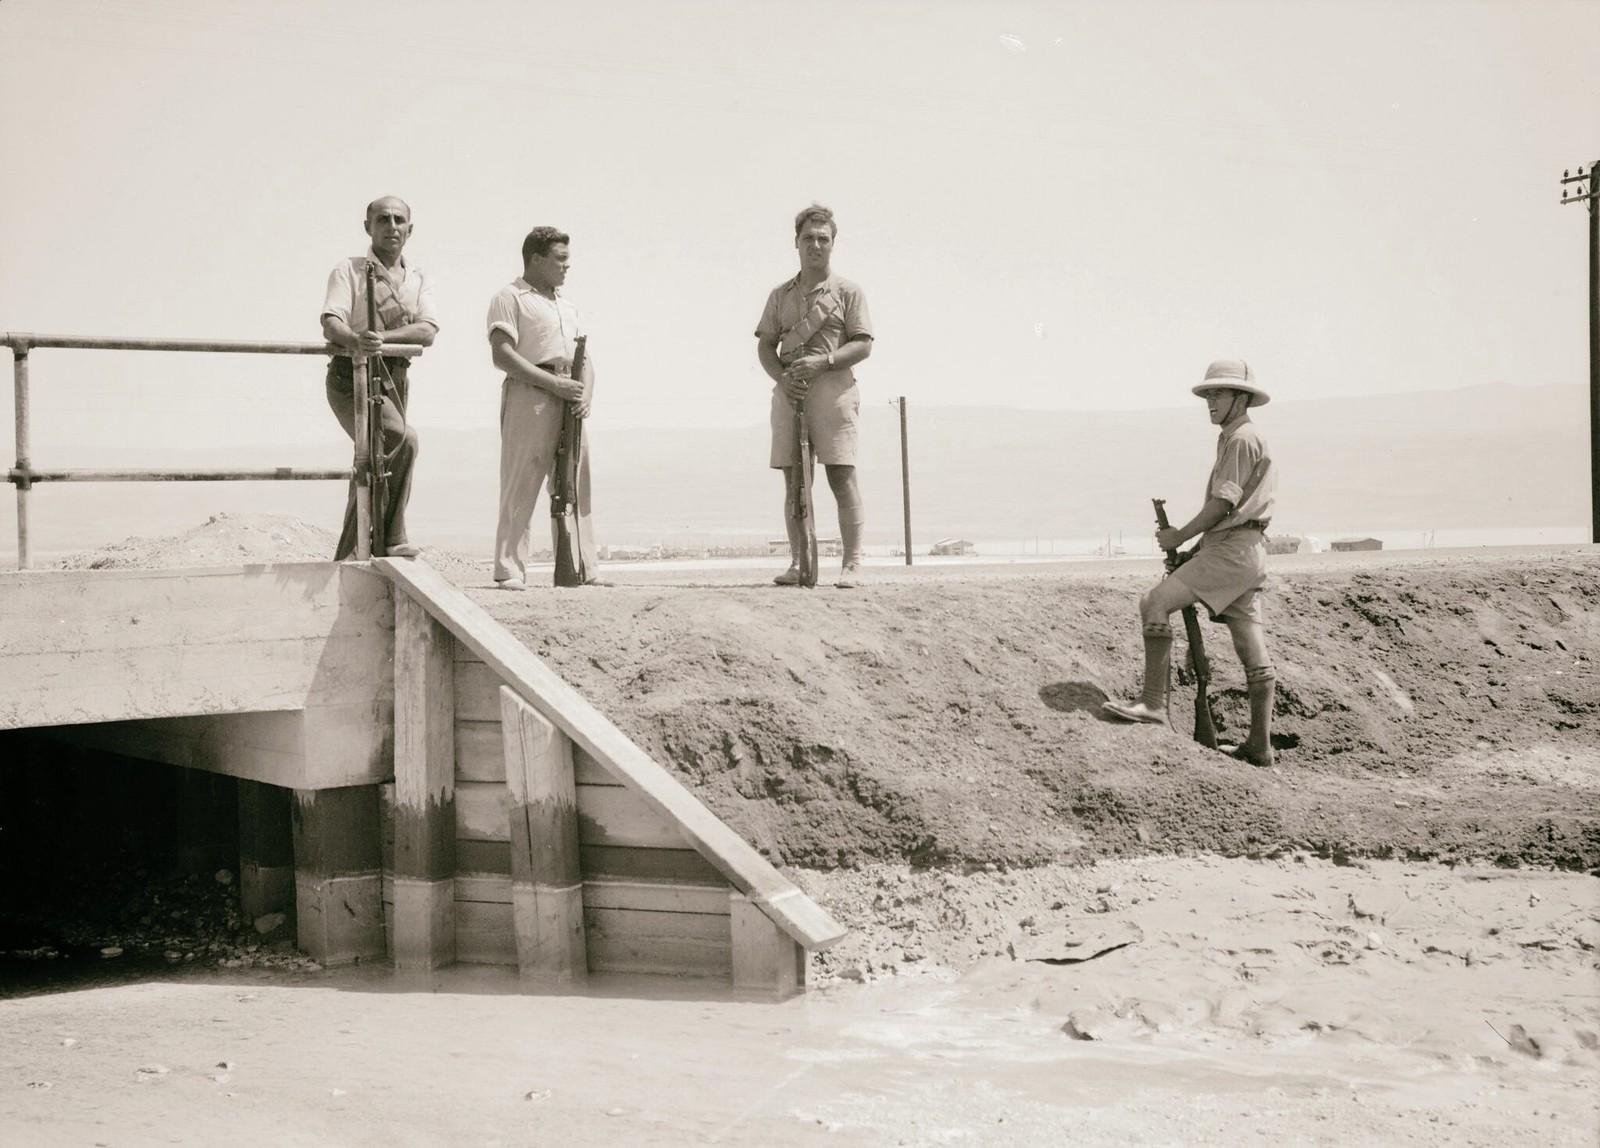 15. 1938. На дороге в Иерихон сожжены грузовики с грузом. Вооруженные еврейские рабочие охраняют автомобильную дорогу